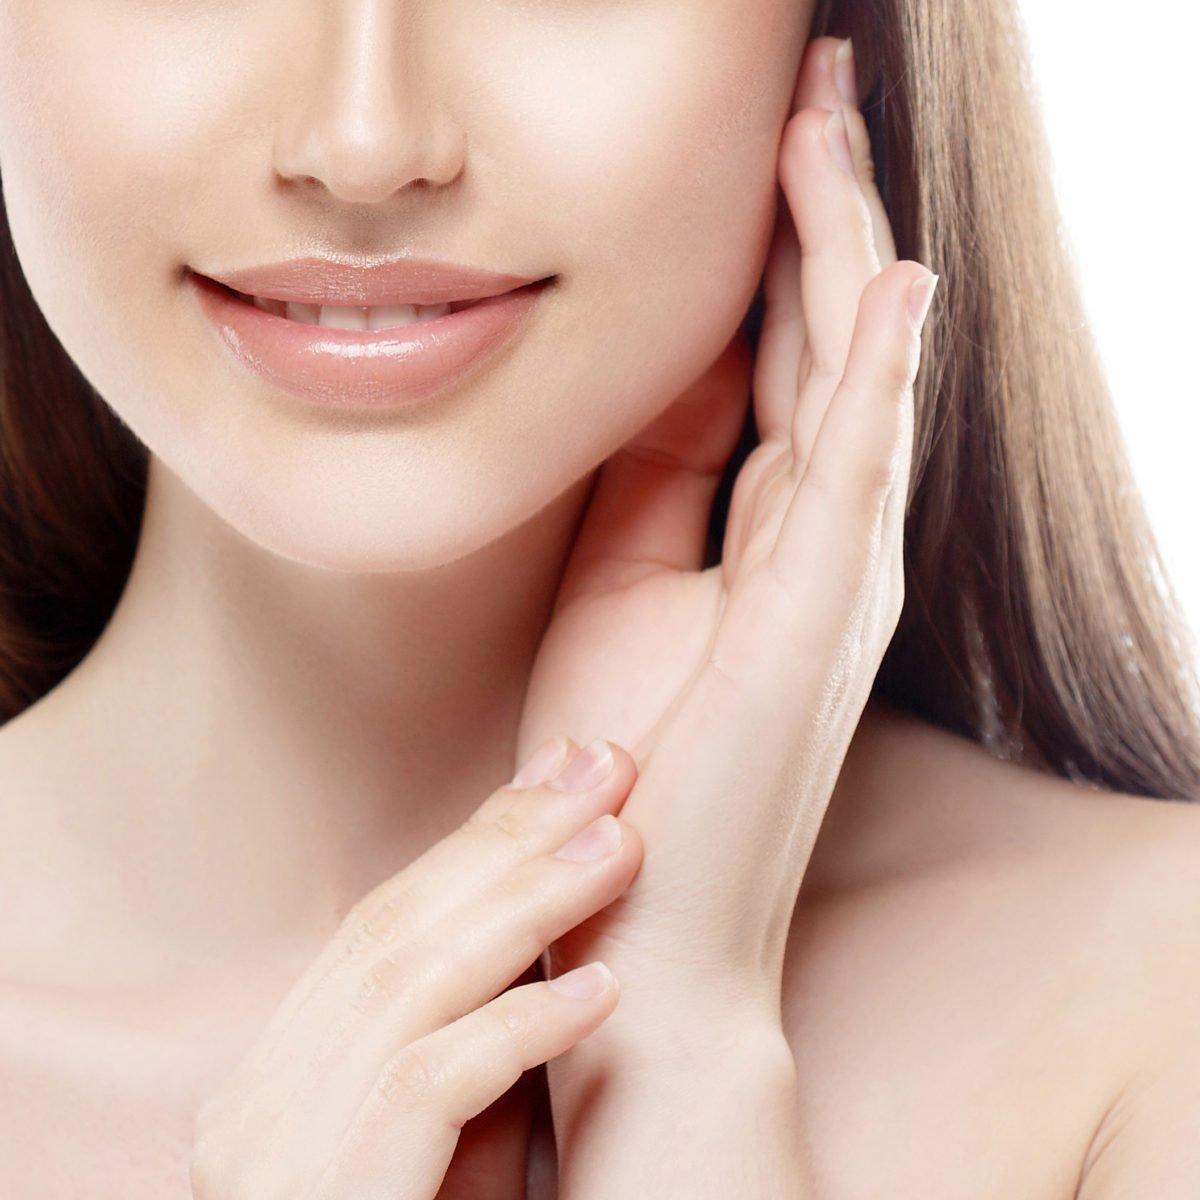 Resultado de imagen para healthy skin